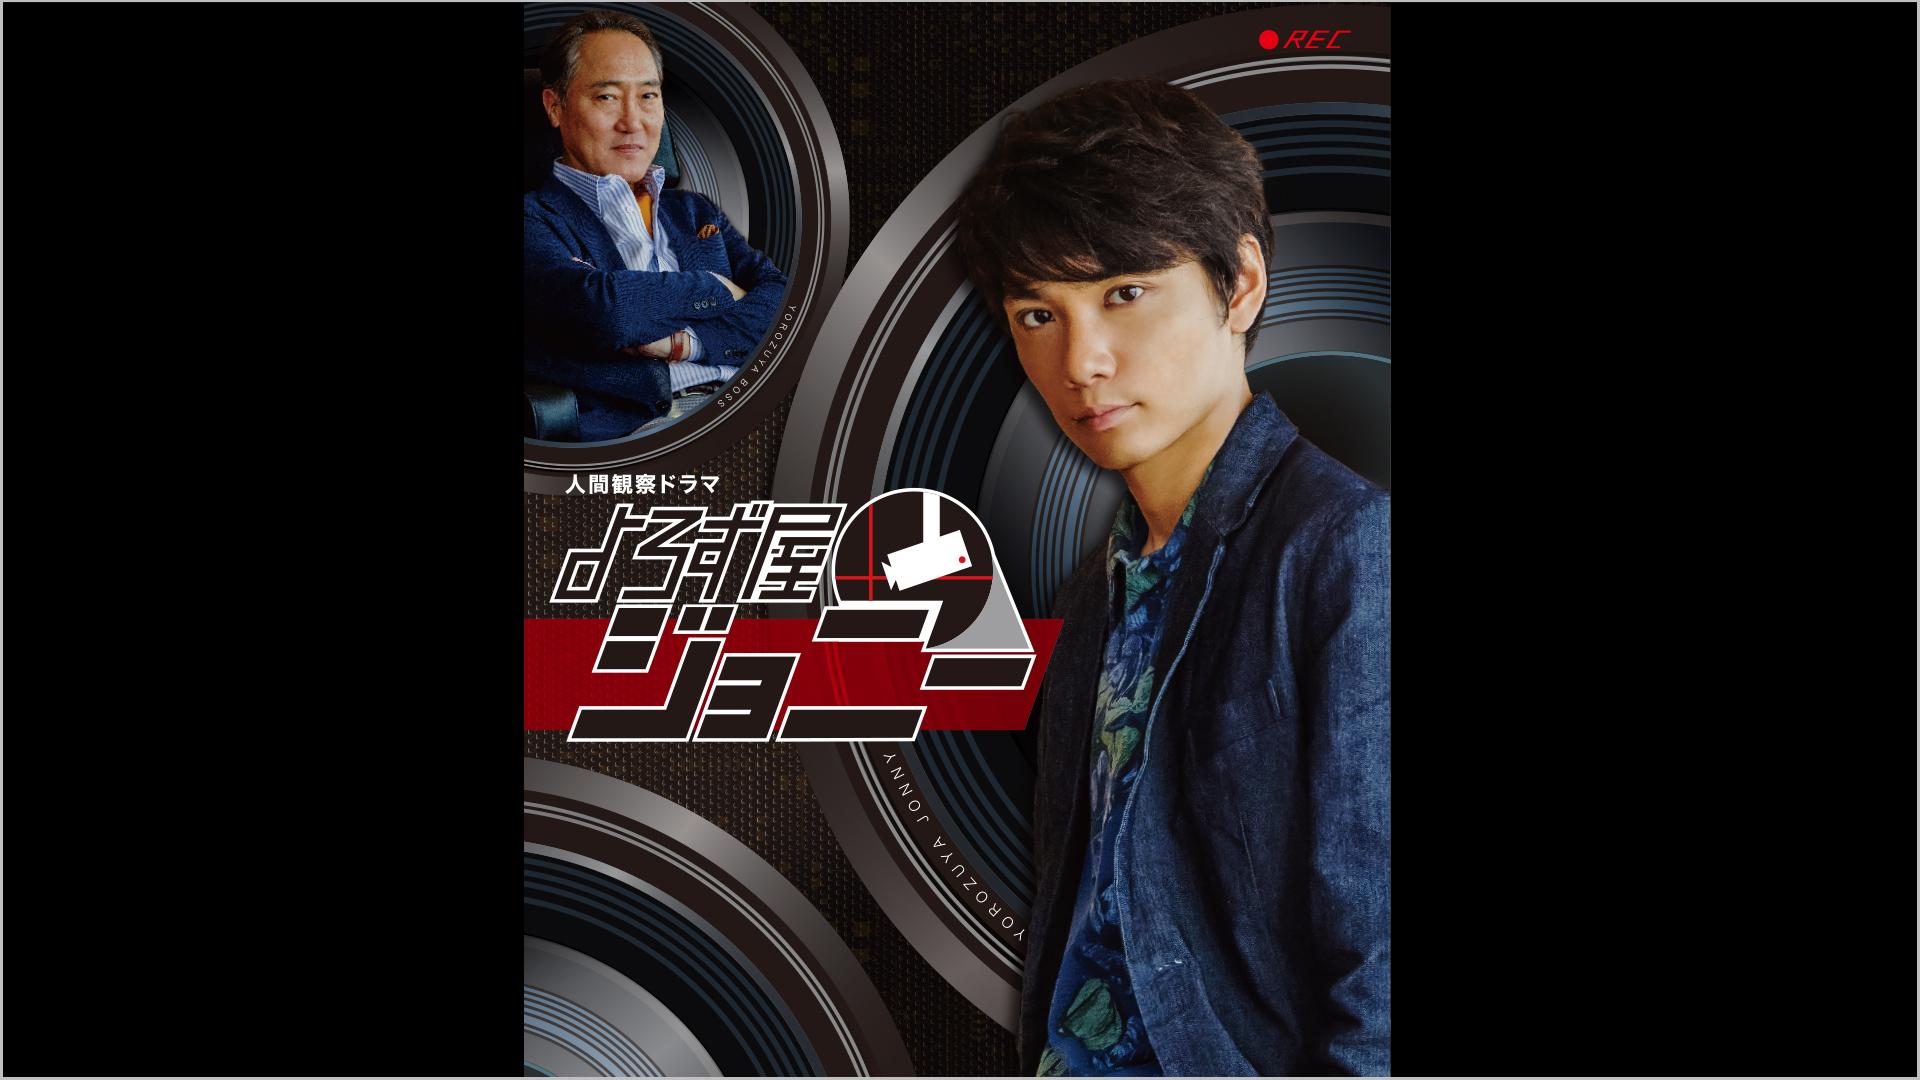 オリジナルドラマ「よろず屋ジョニー」 #5  隠しカメラでみる人間観察ドラマ!